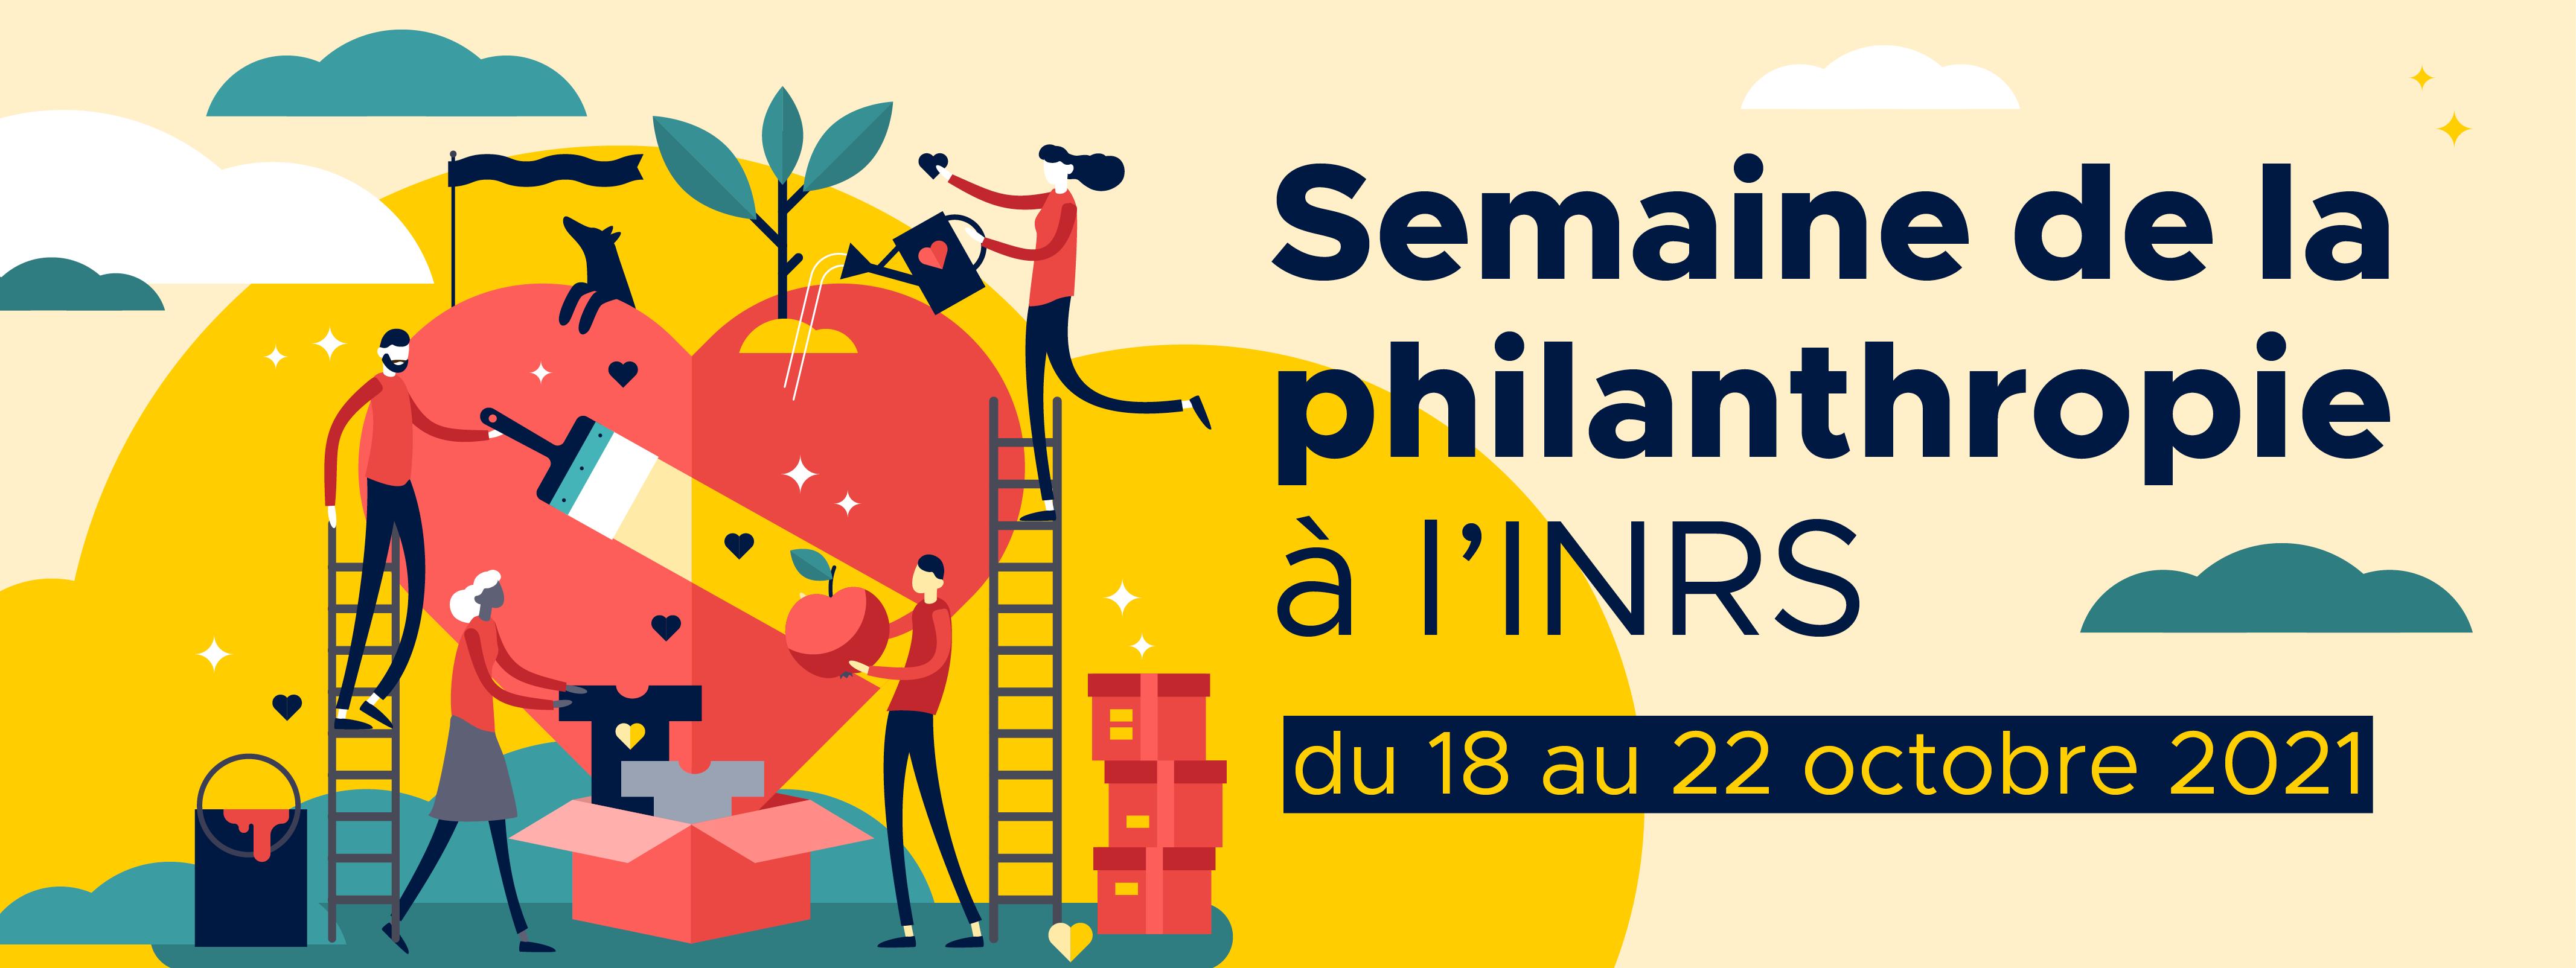 Semaine de la philanthropie à l'INRS du 18 au 22 octobre 2021